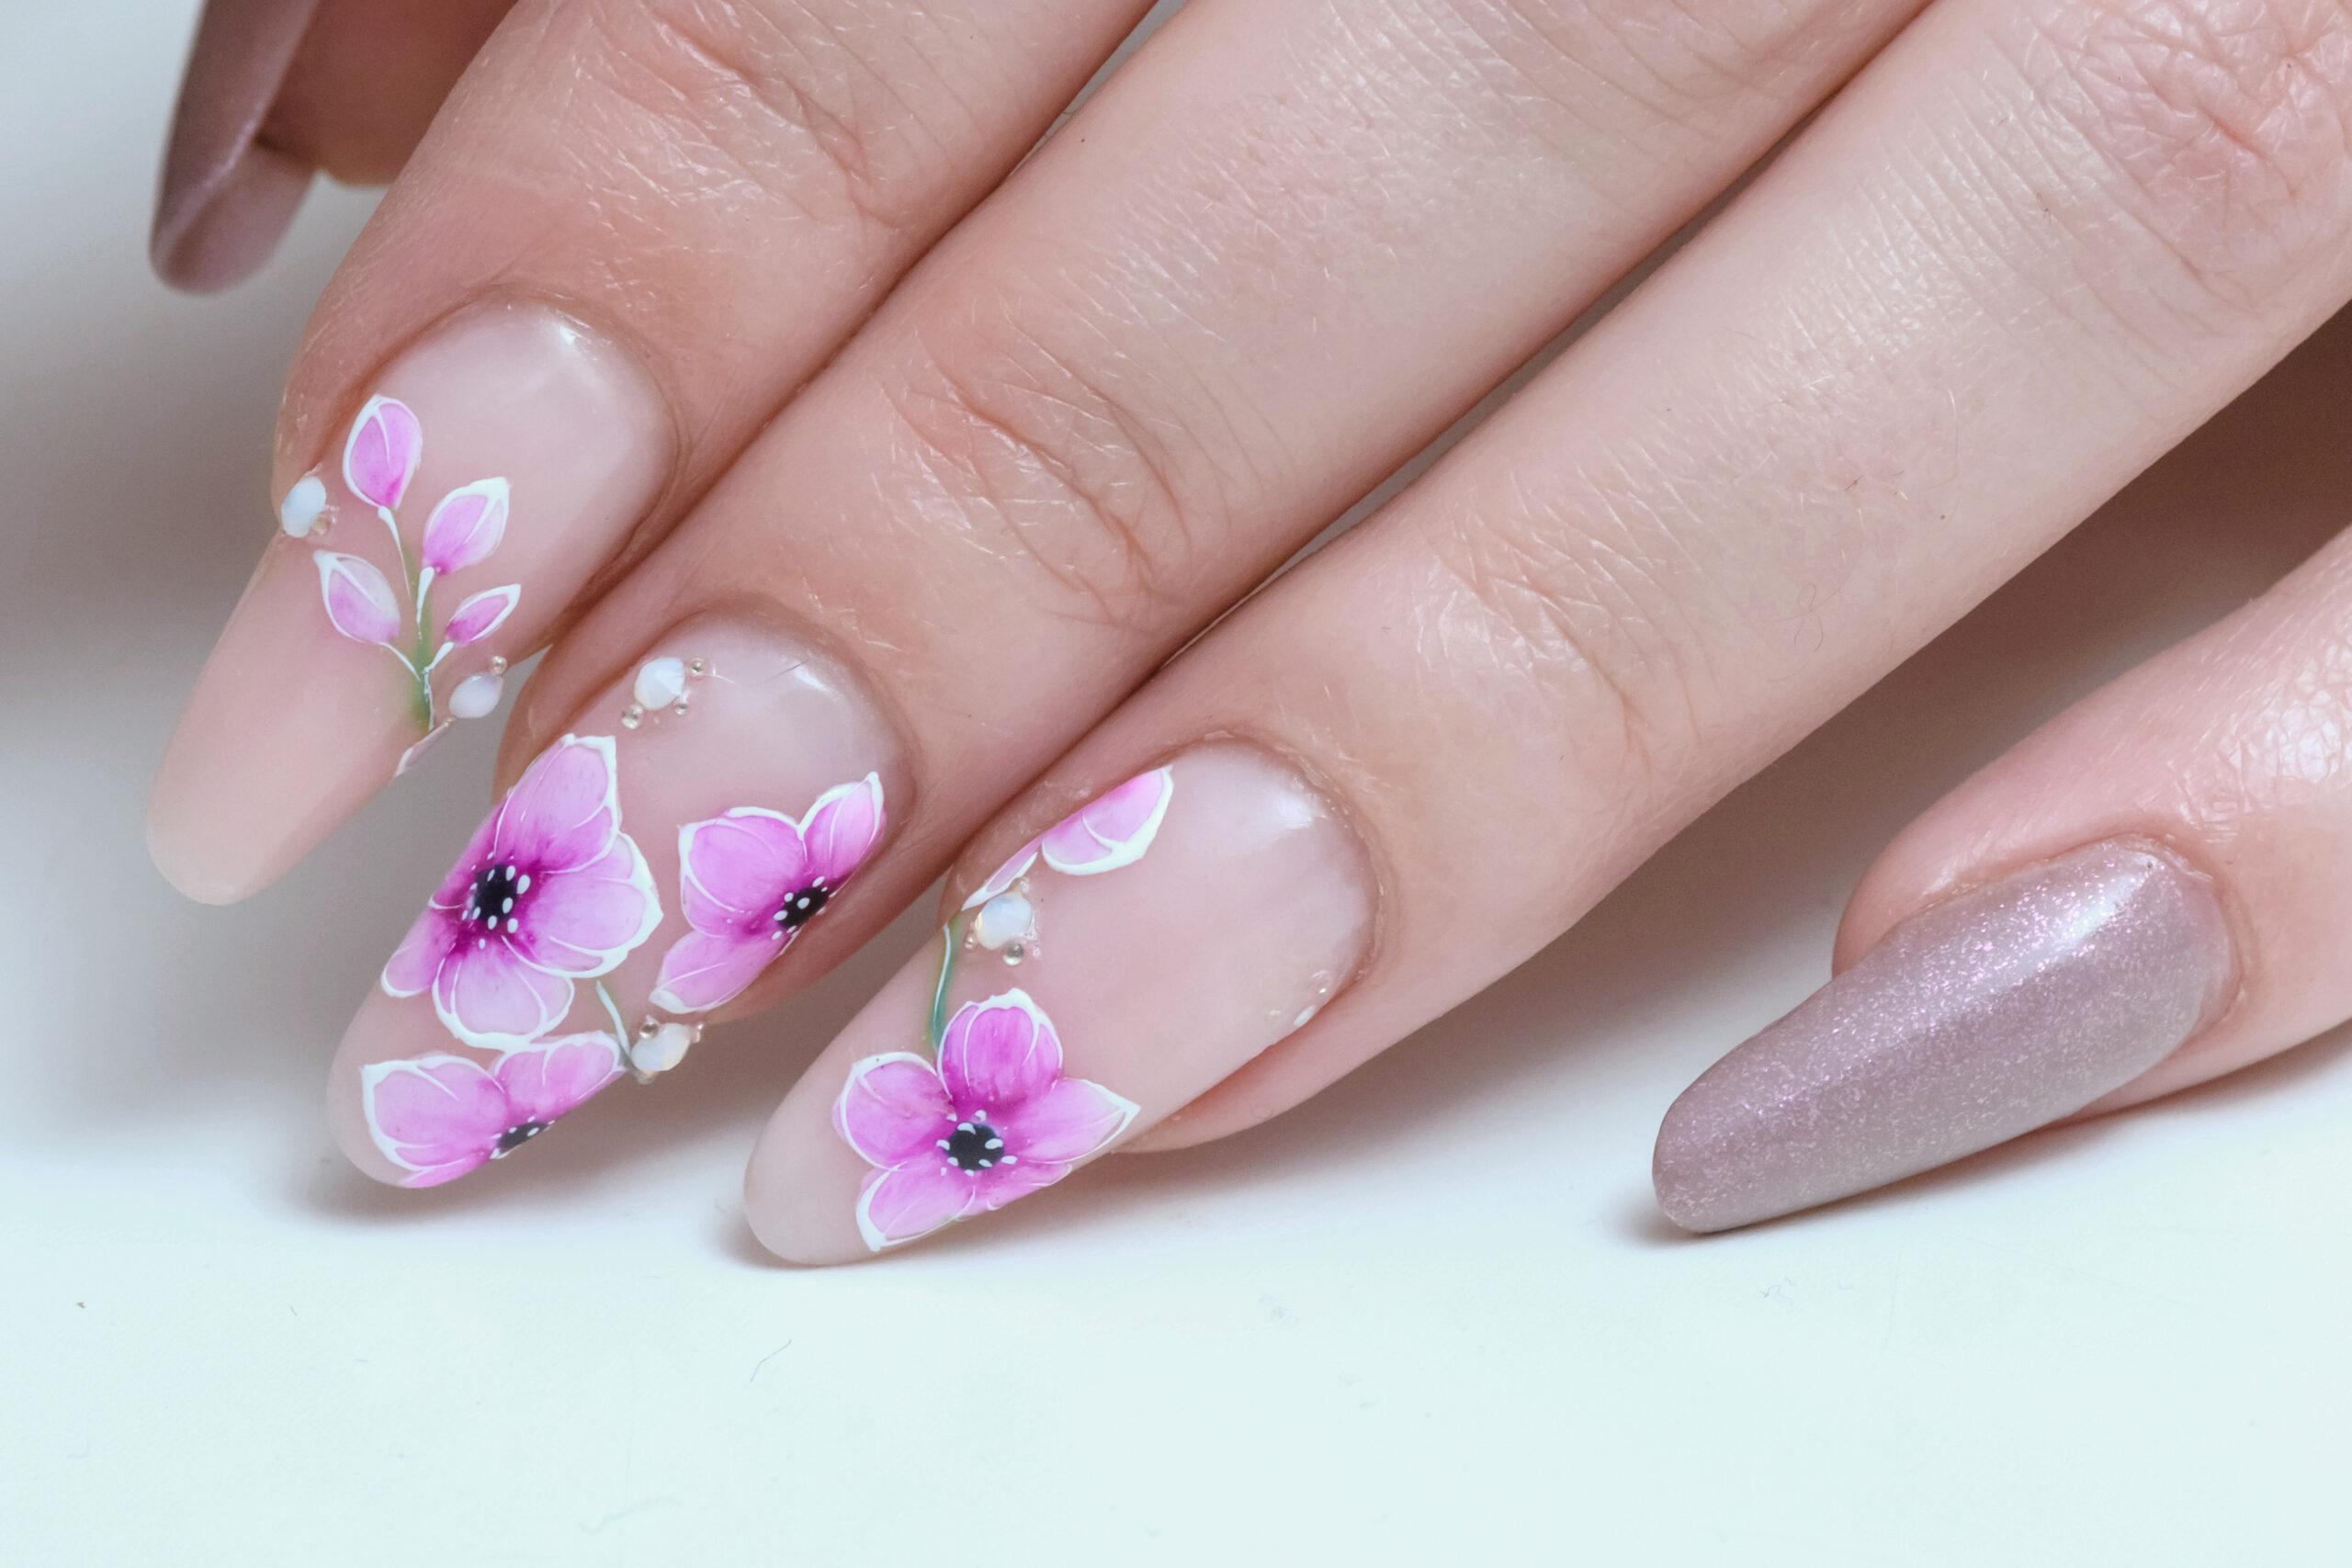 delikatne ślubne paznokcie w kwiatowy wzór